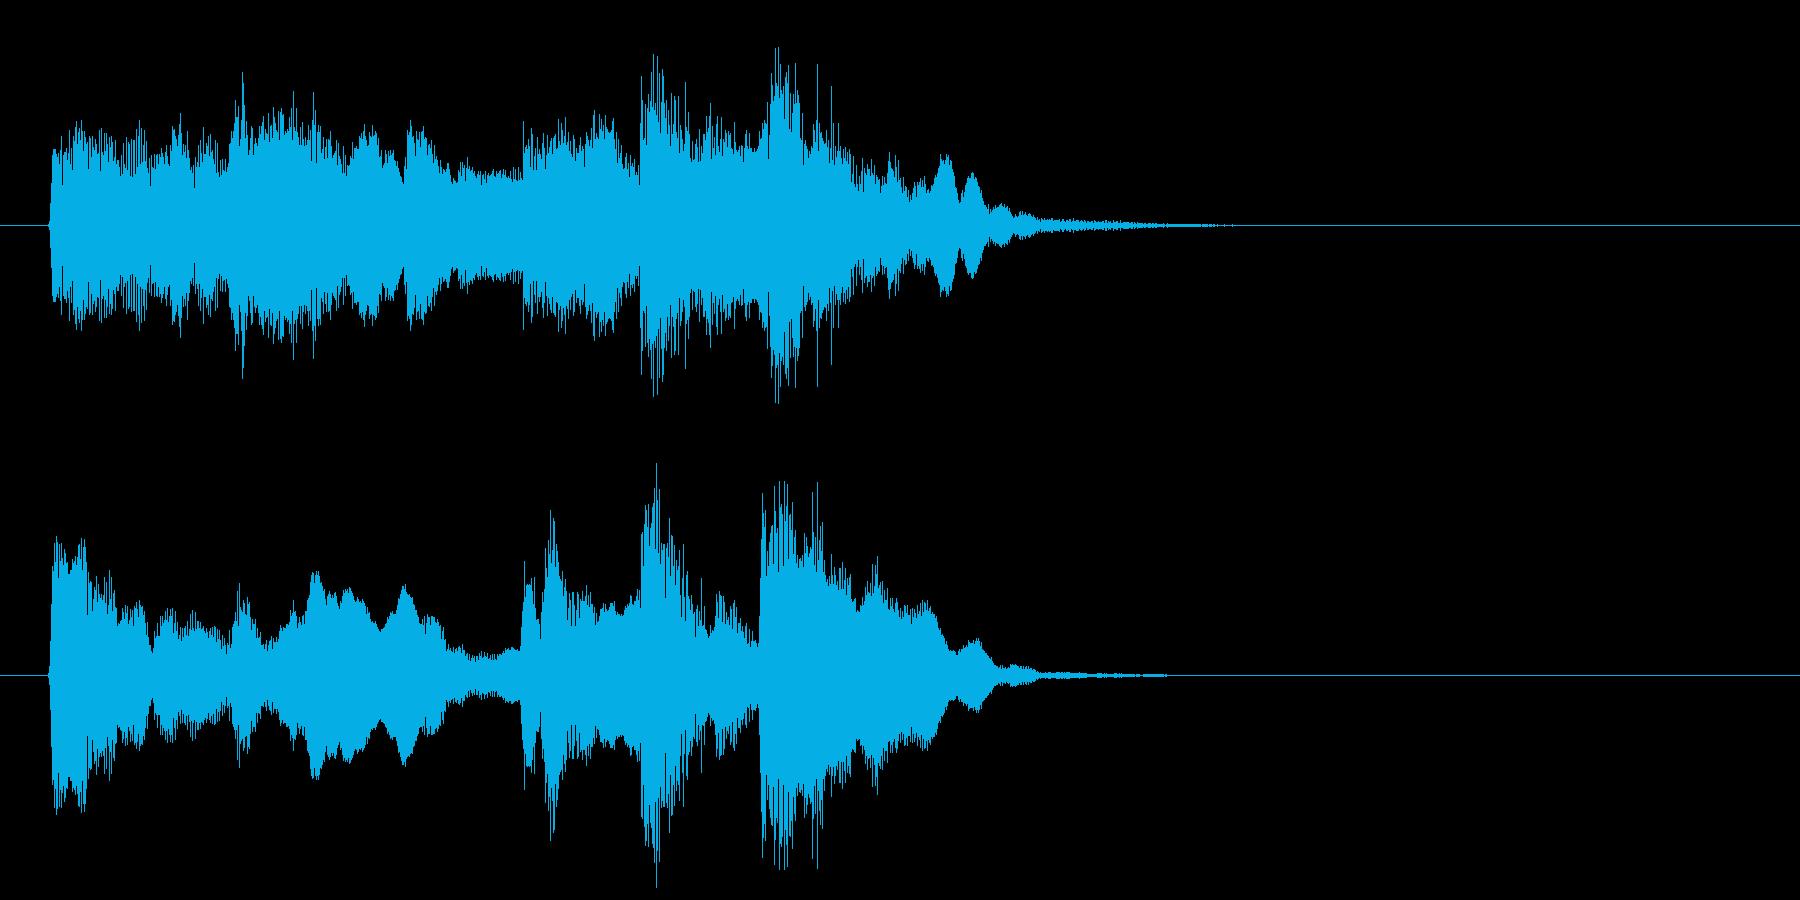 フルートの音色が美しい曲の再生済みの波形